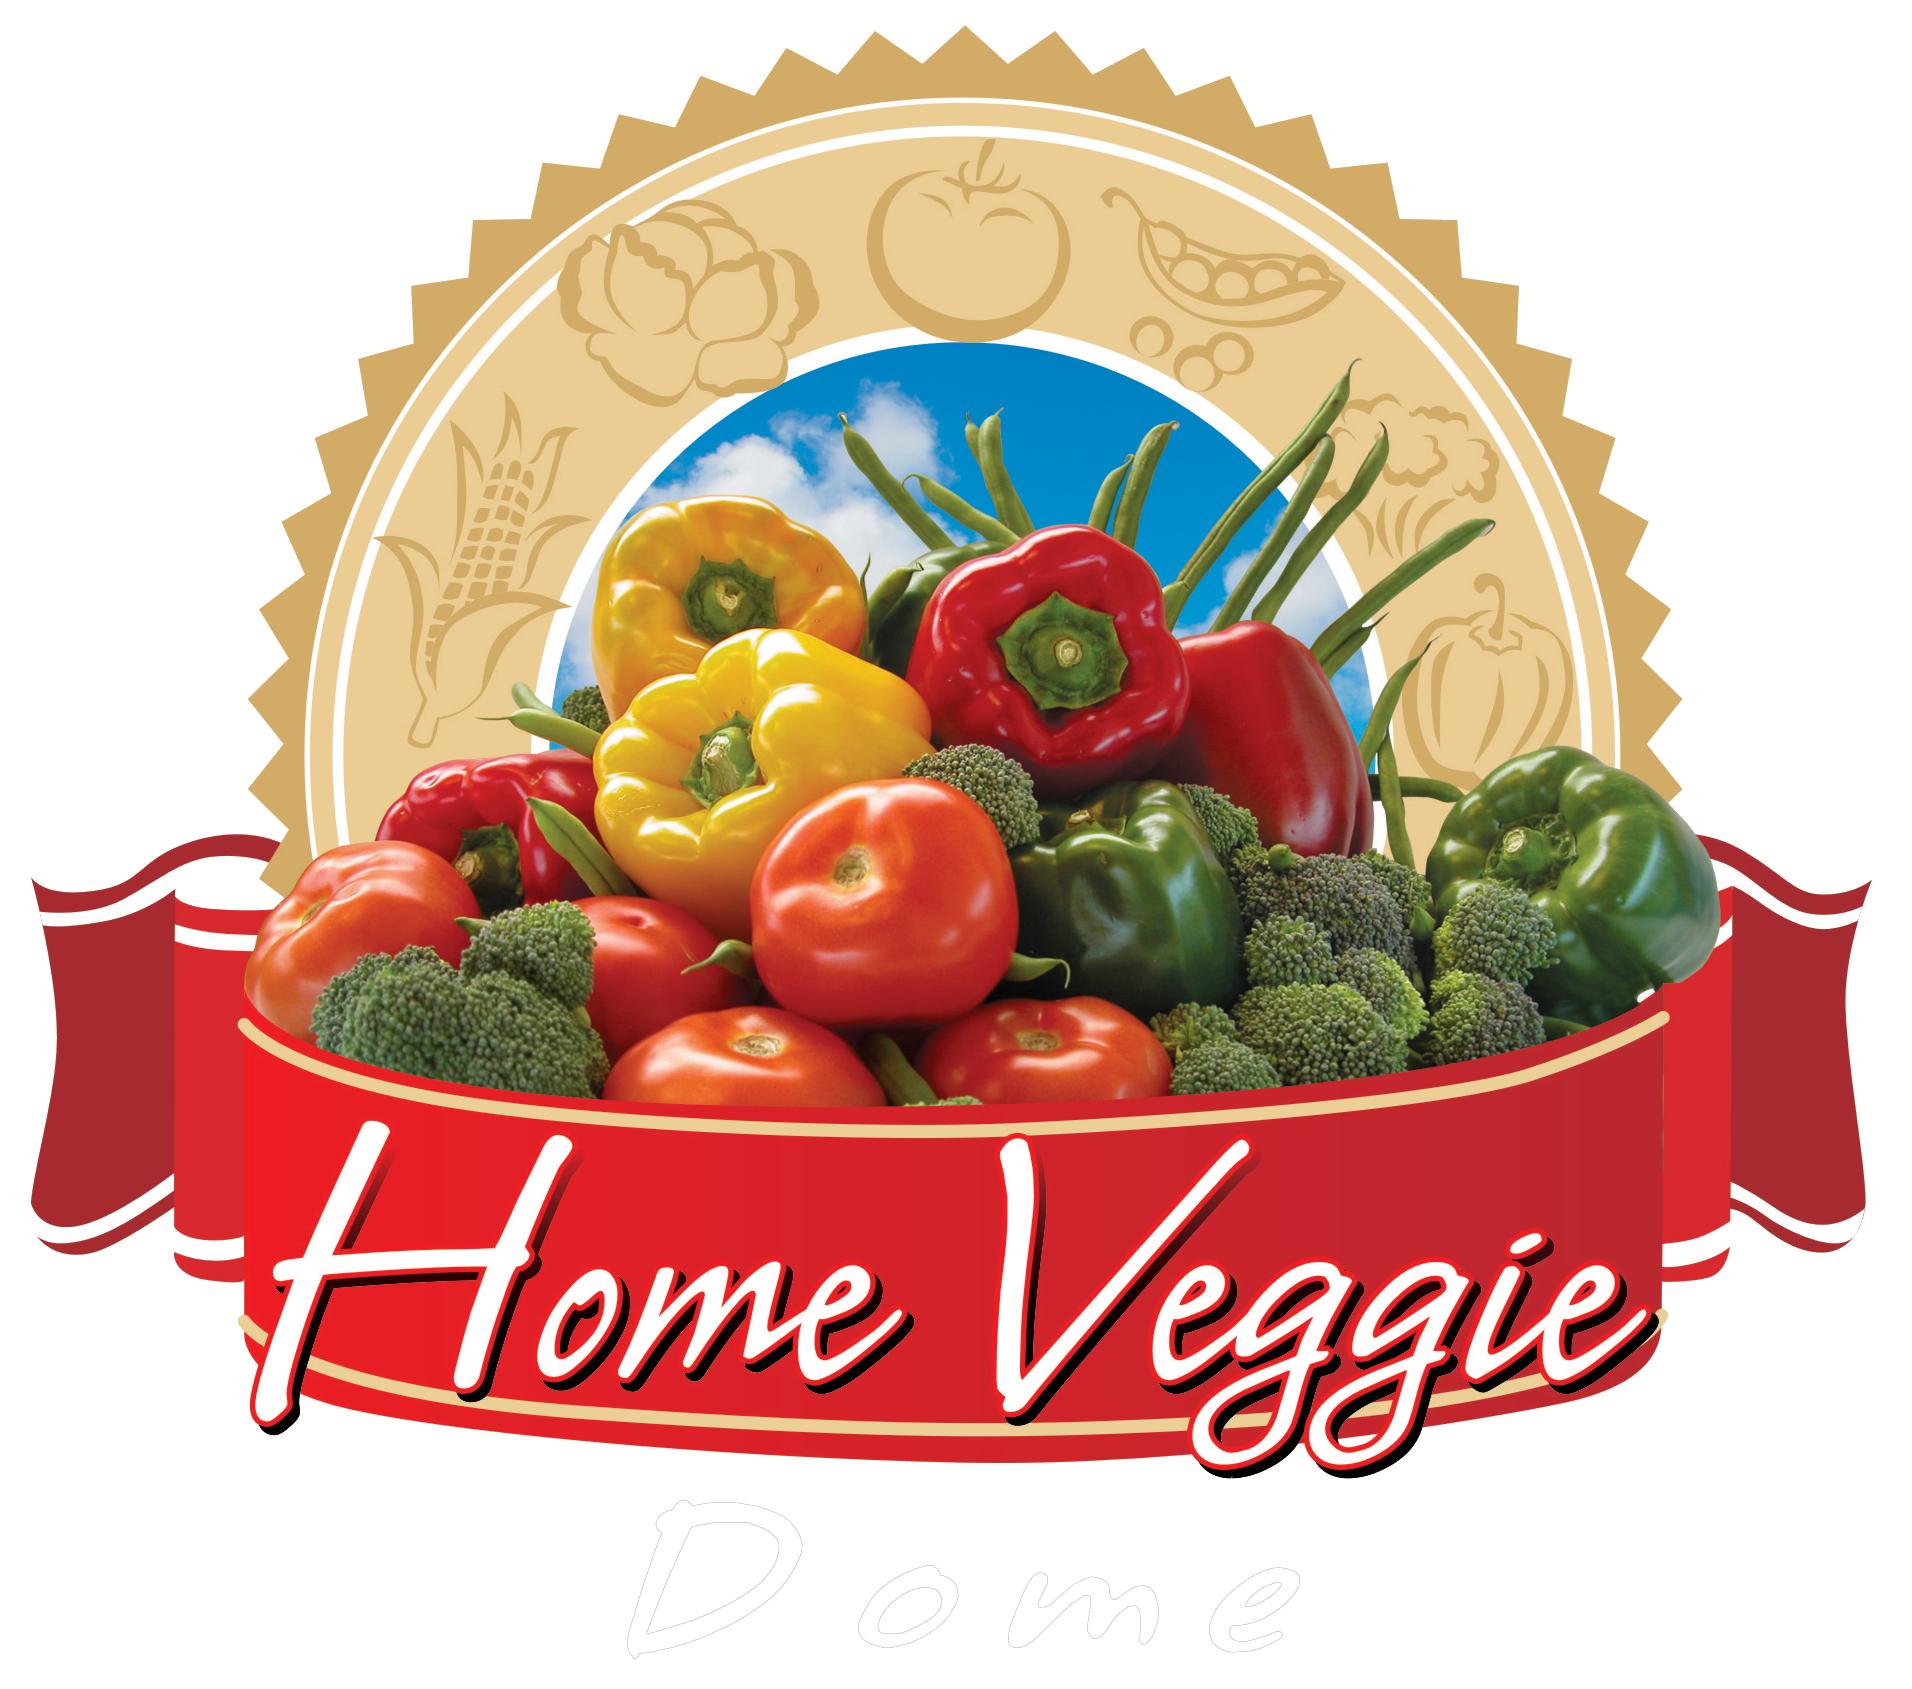 Home Veggie Dome